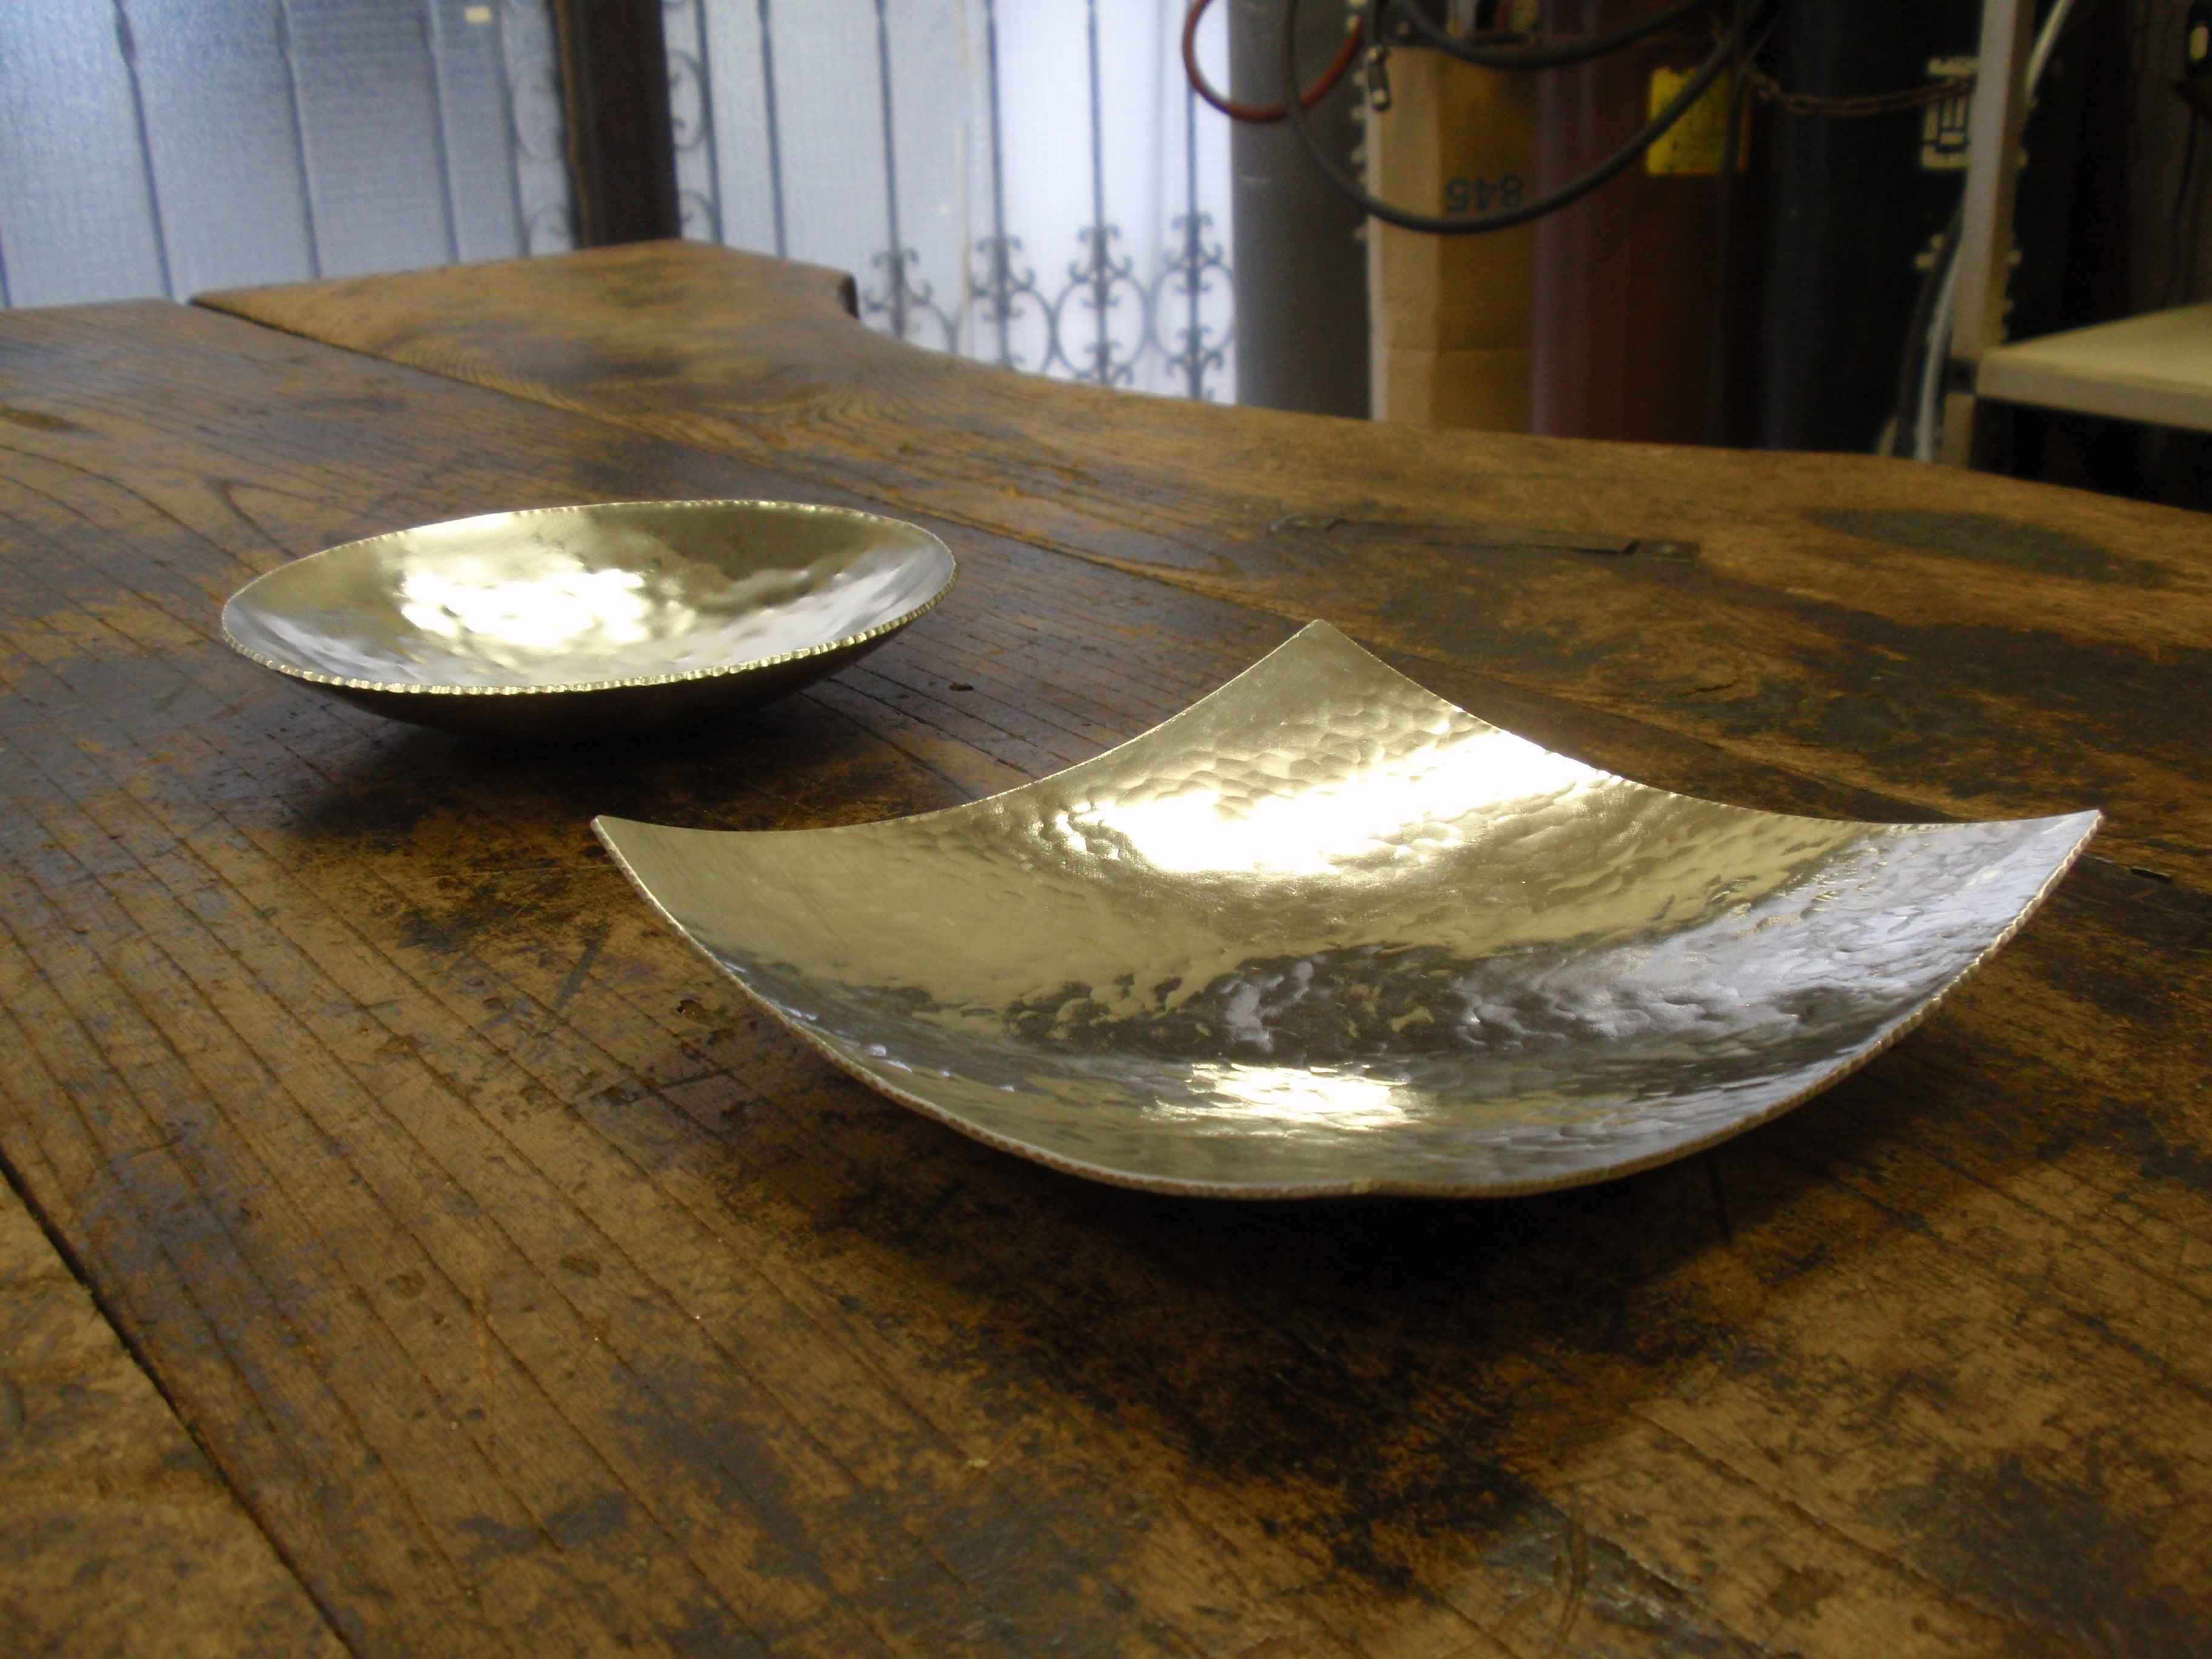 伝統工芸の工房で人気の錫小皿体験! #エシカル#フェアトレード